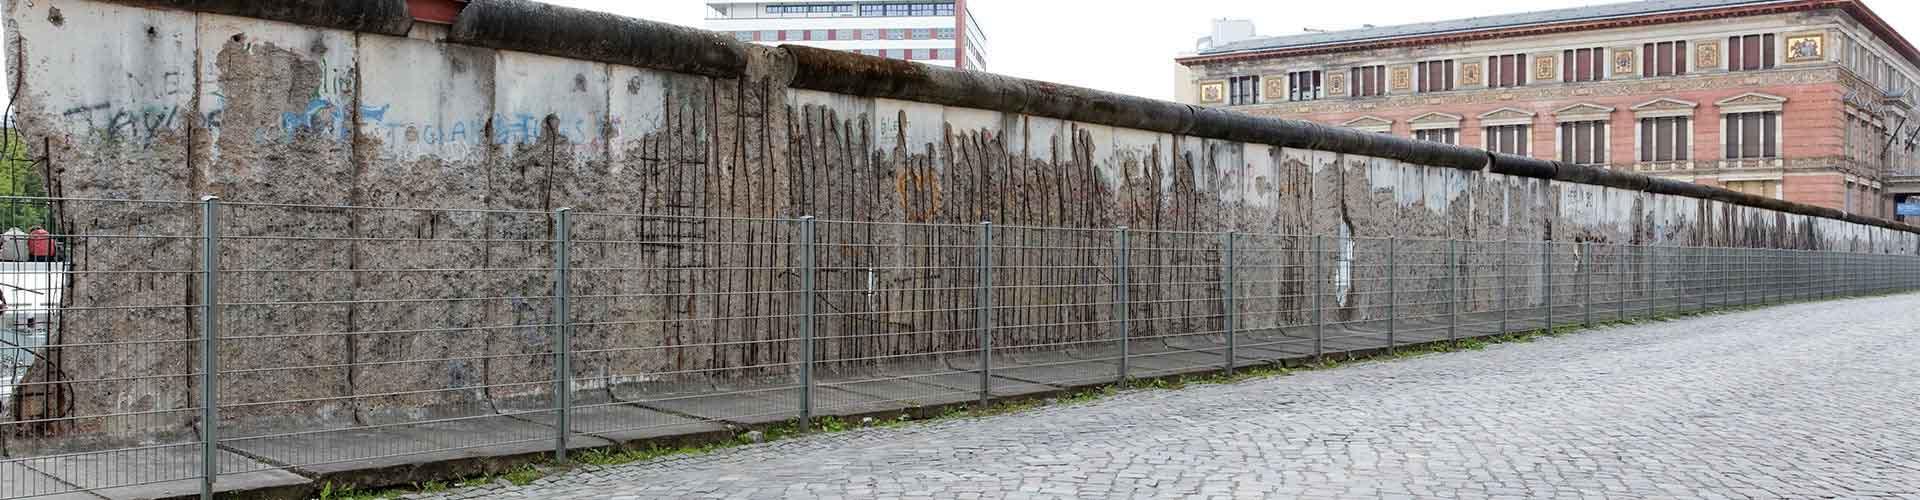 Berlin - Camping près de Mur de Berlin. Cartes pour Berlin, photos et commentaires pour chaque camping à Berlin.